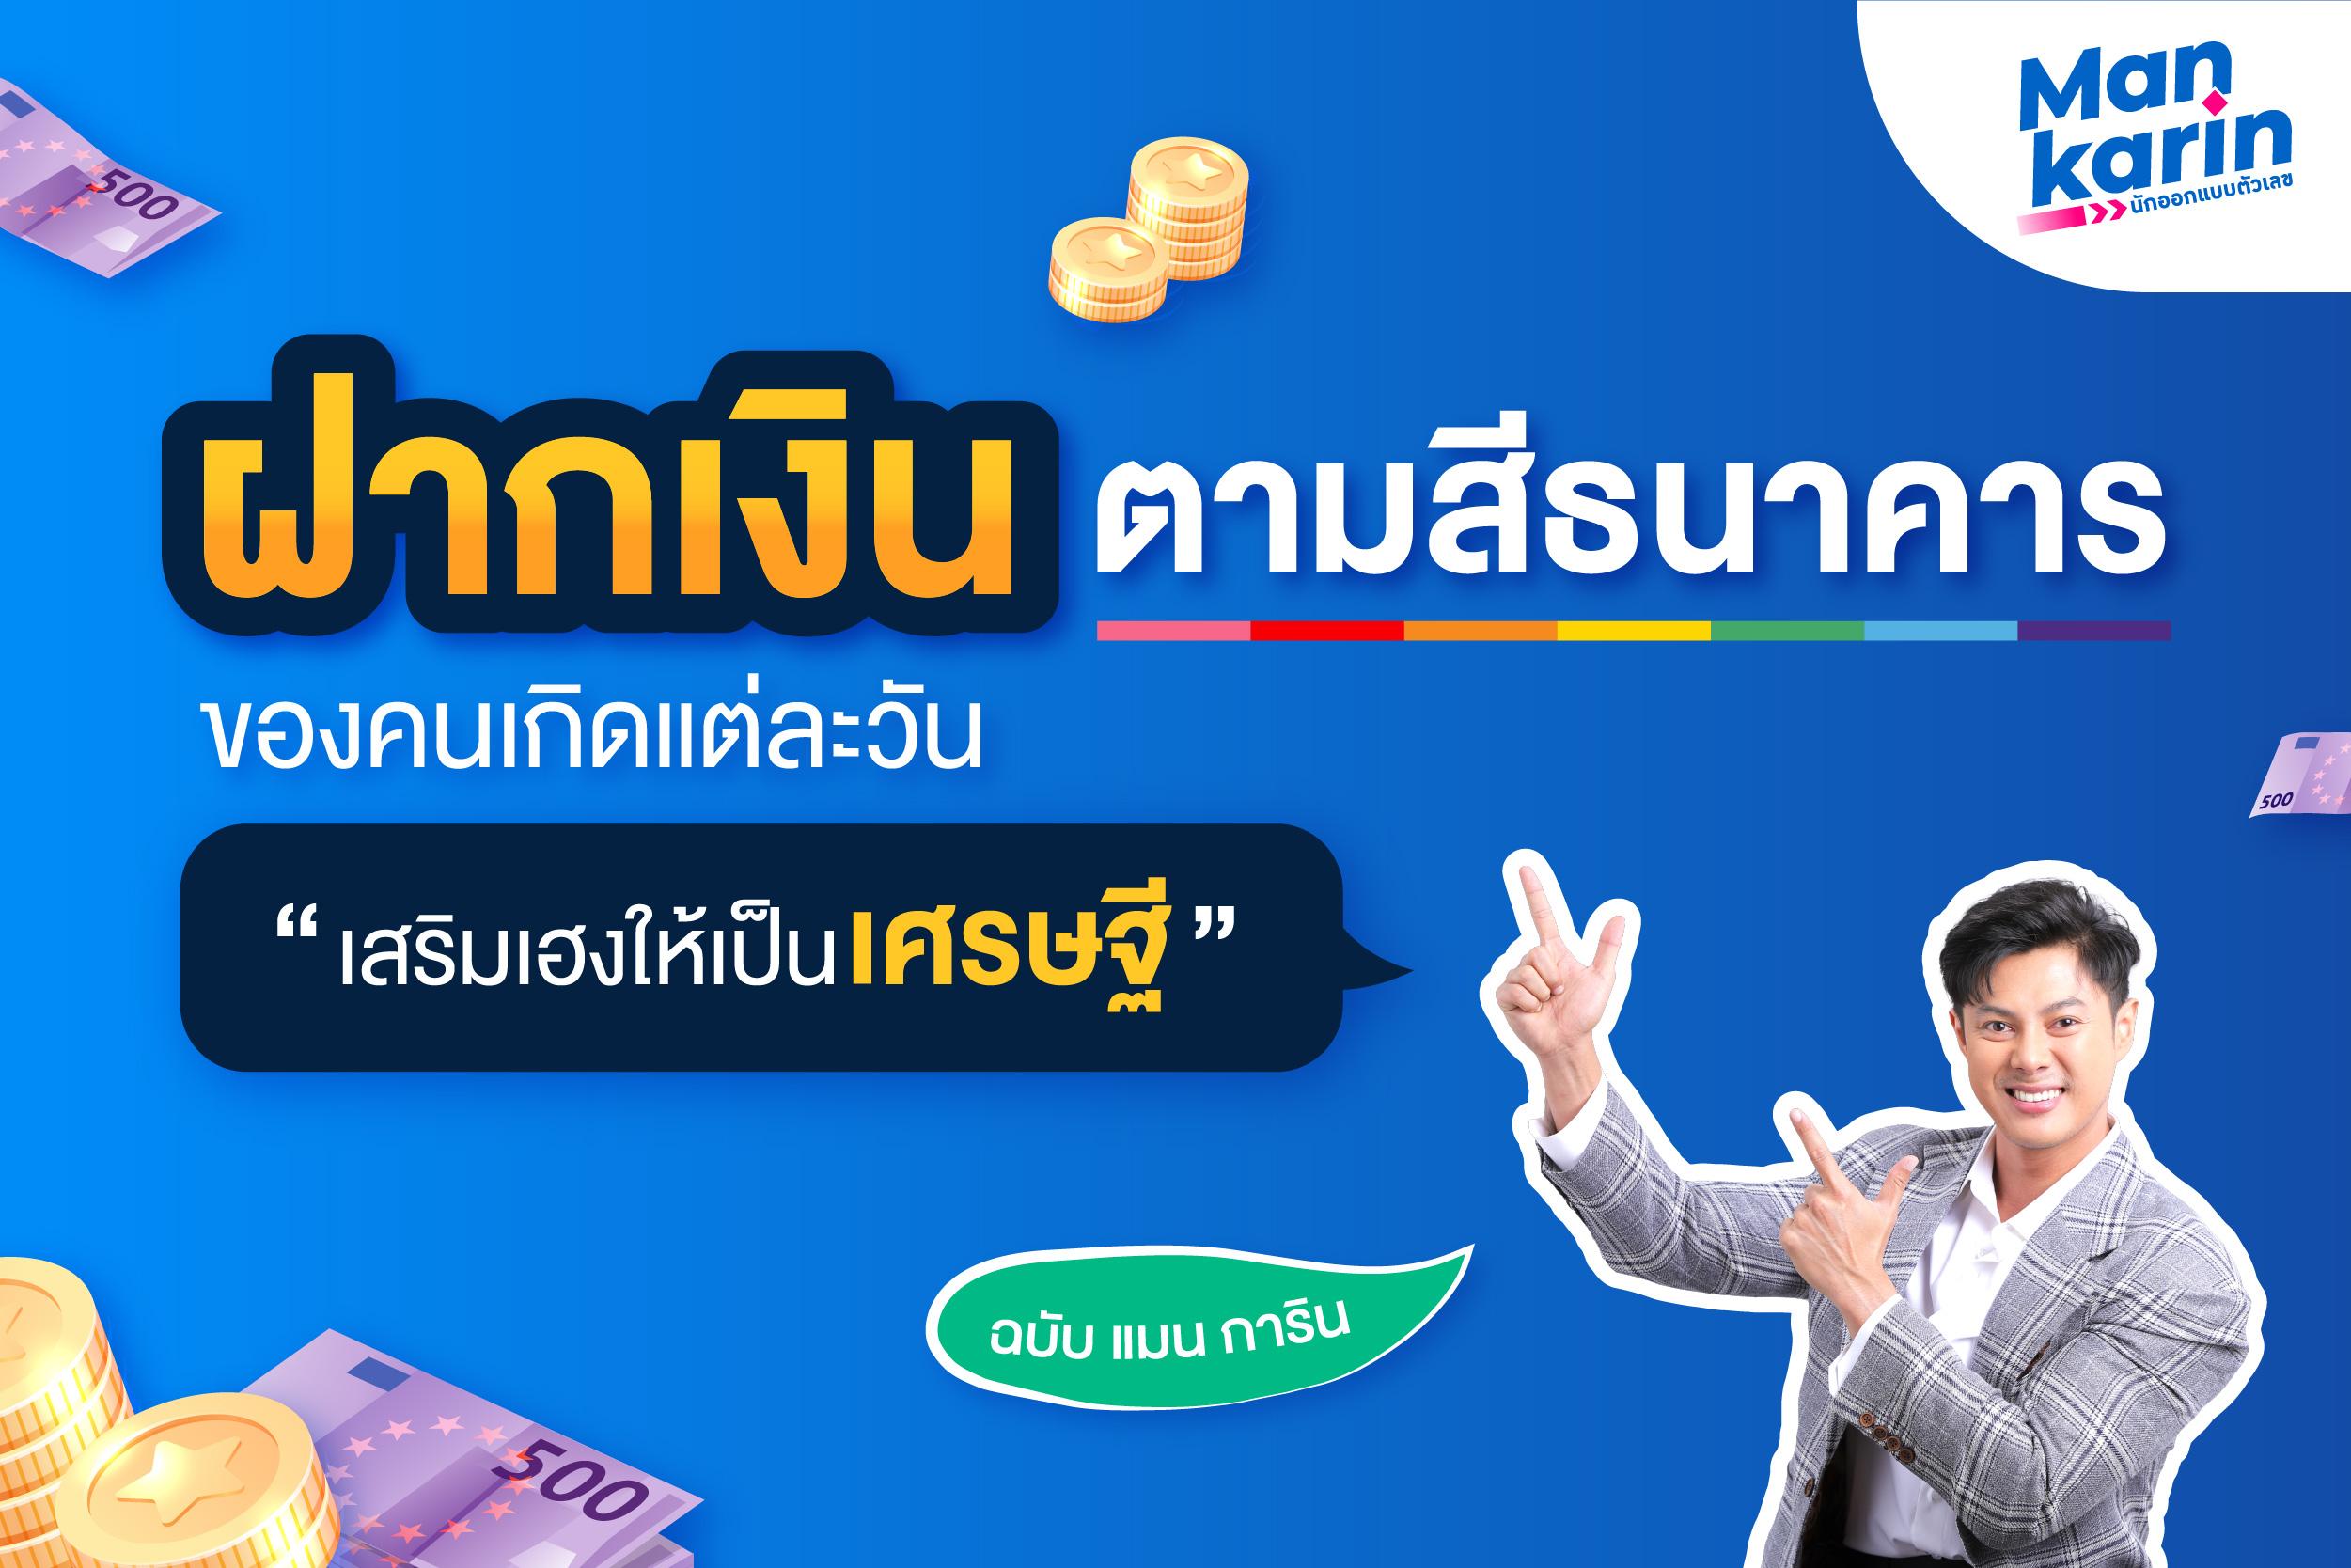 ฝากเงินตามสีธนาคารของคนทั้ง 7 วัน เสริมเฮงให้เป็นเศรษฐี โดยแมน การิน